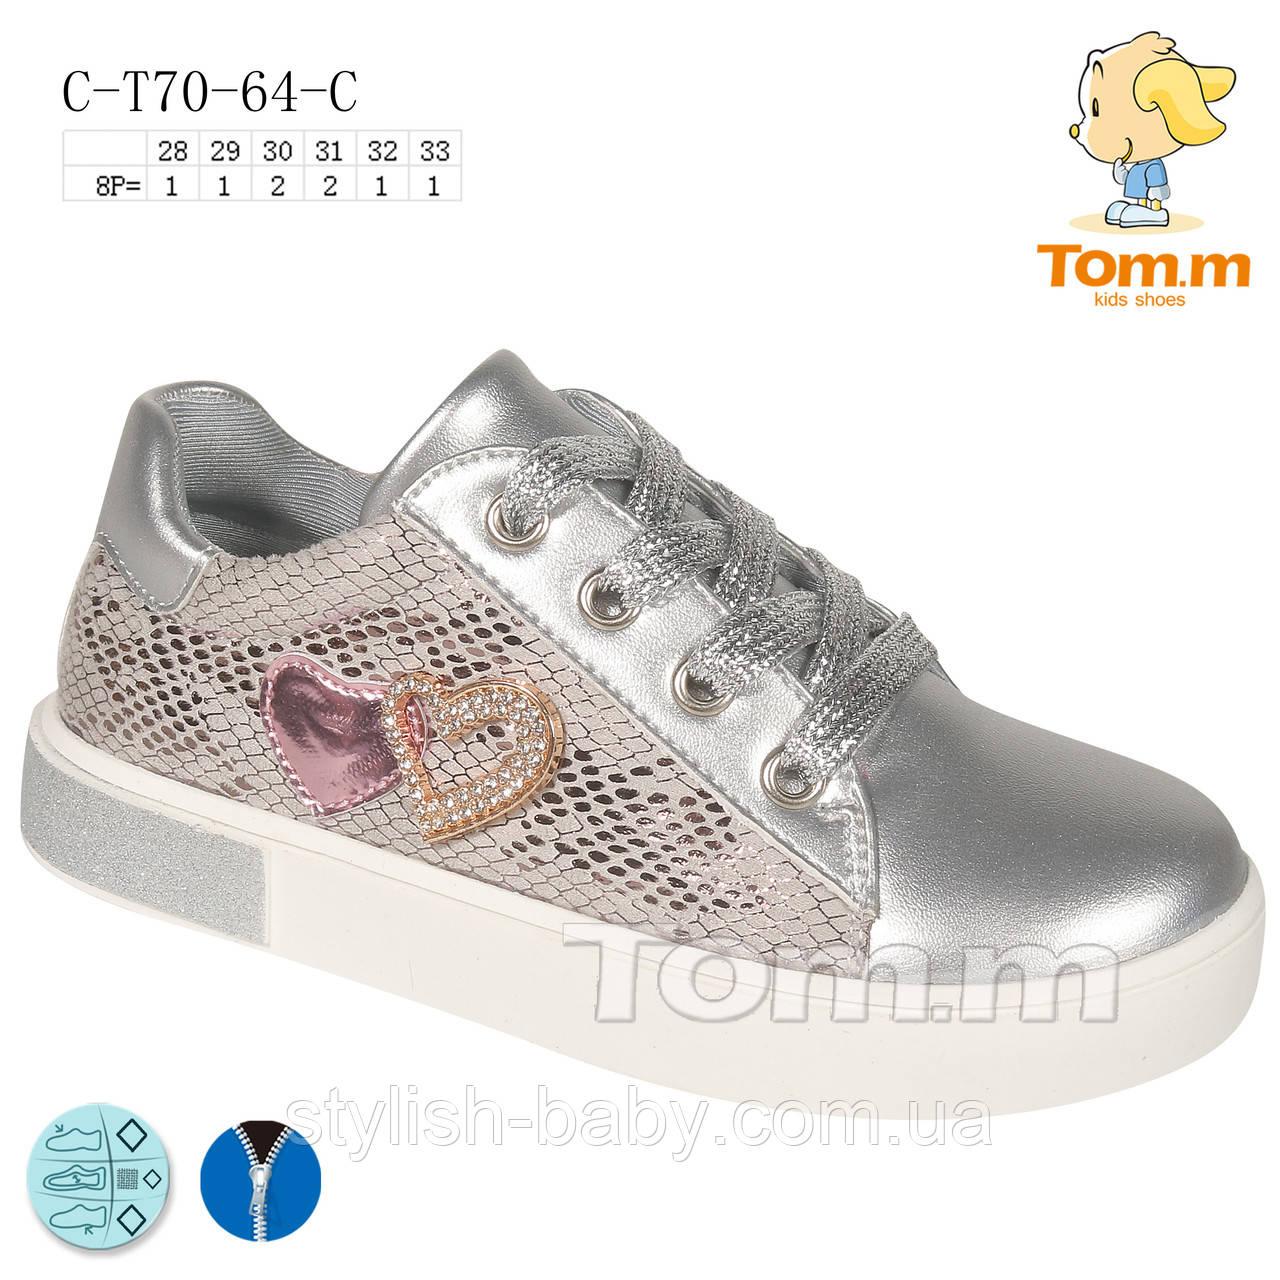 Детская спортивная обувь 2020 оптом. Детская обувь бренда Tom.m для девочек (рр. с 28 по 33)